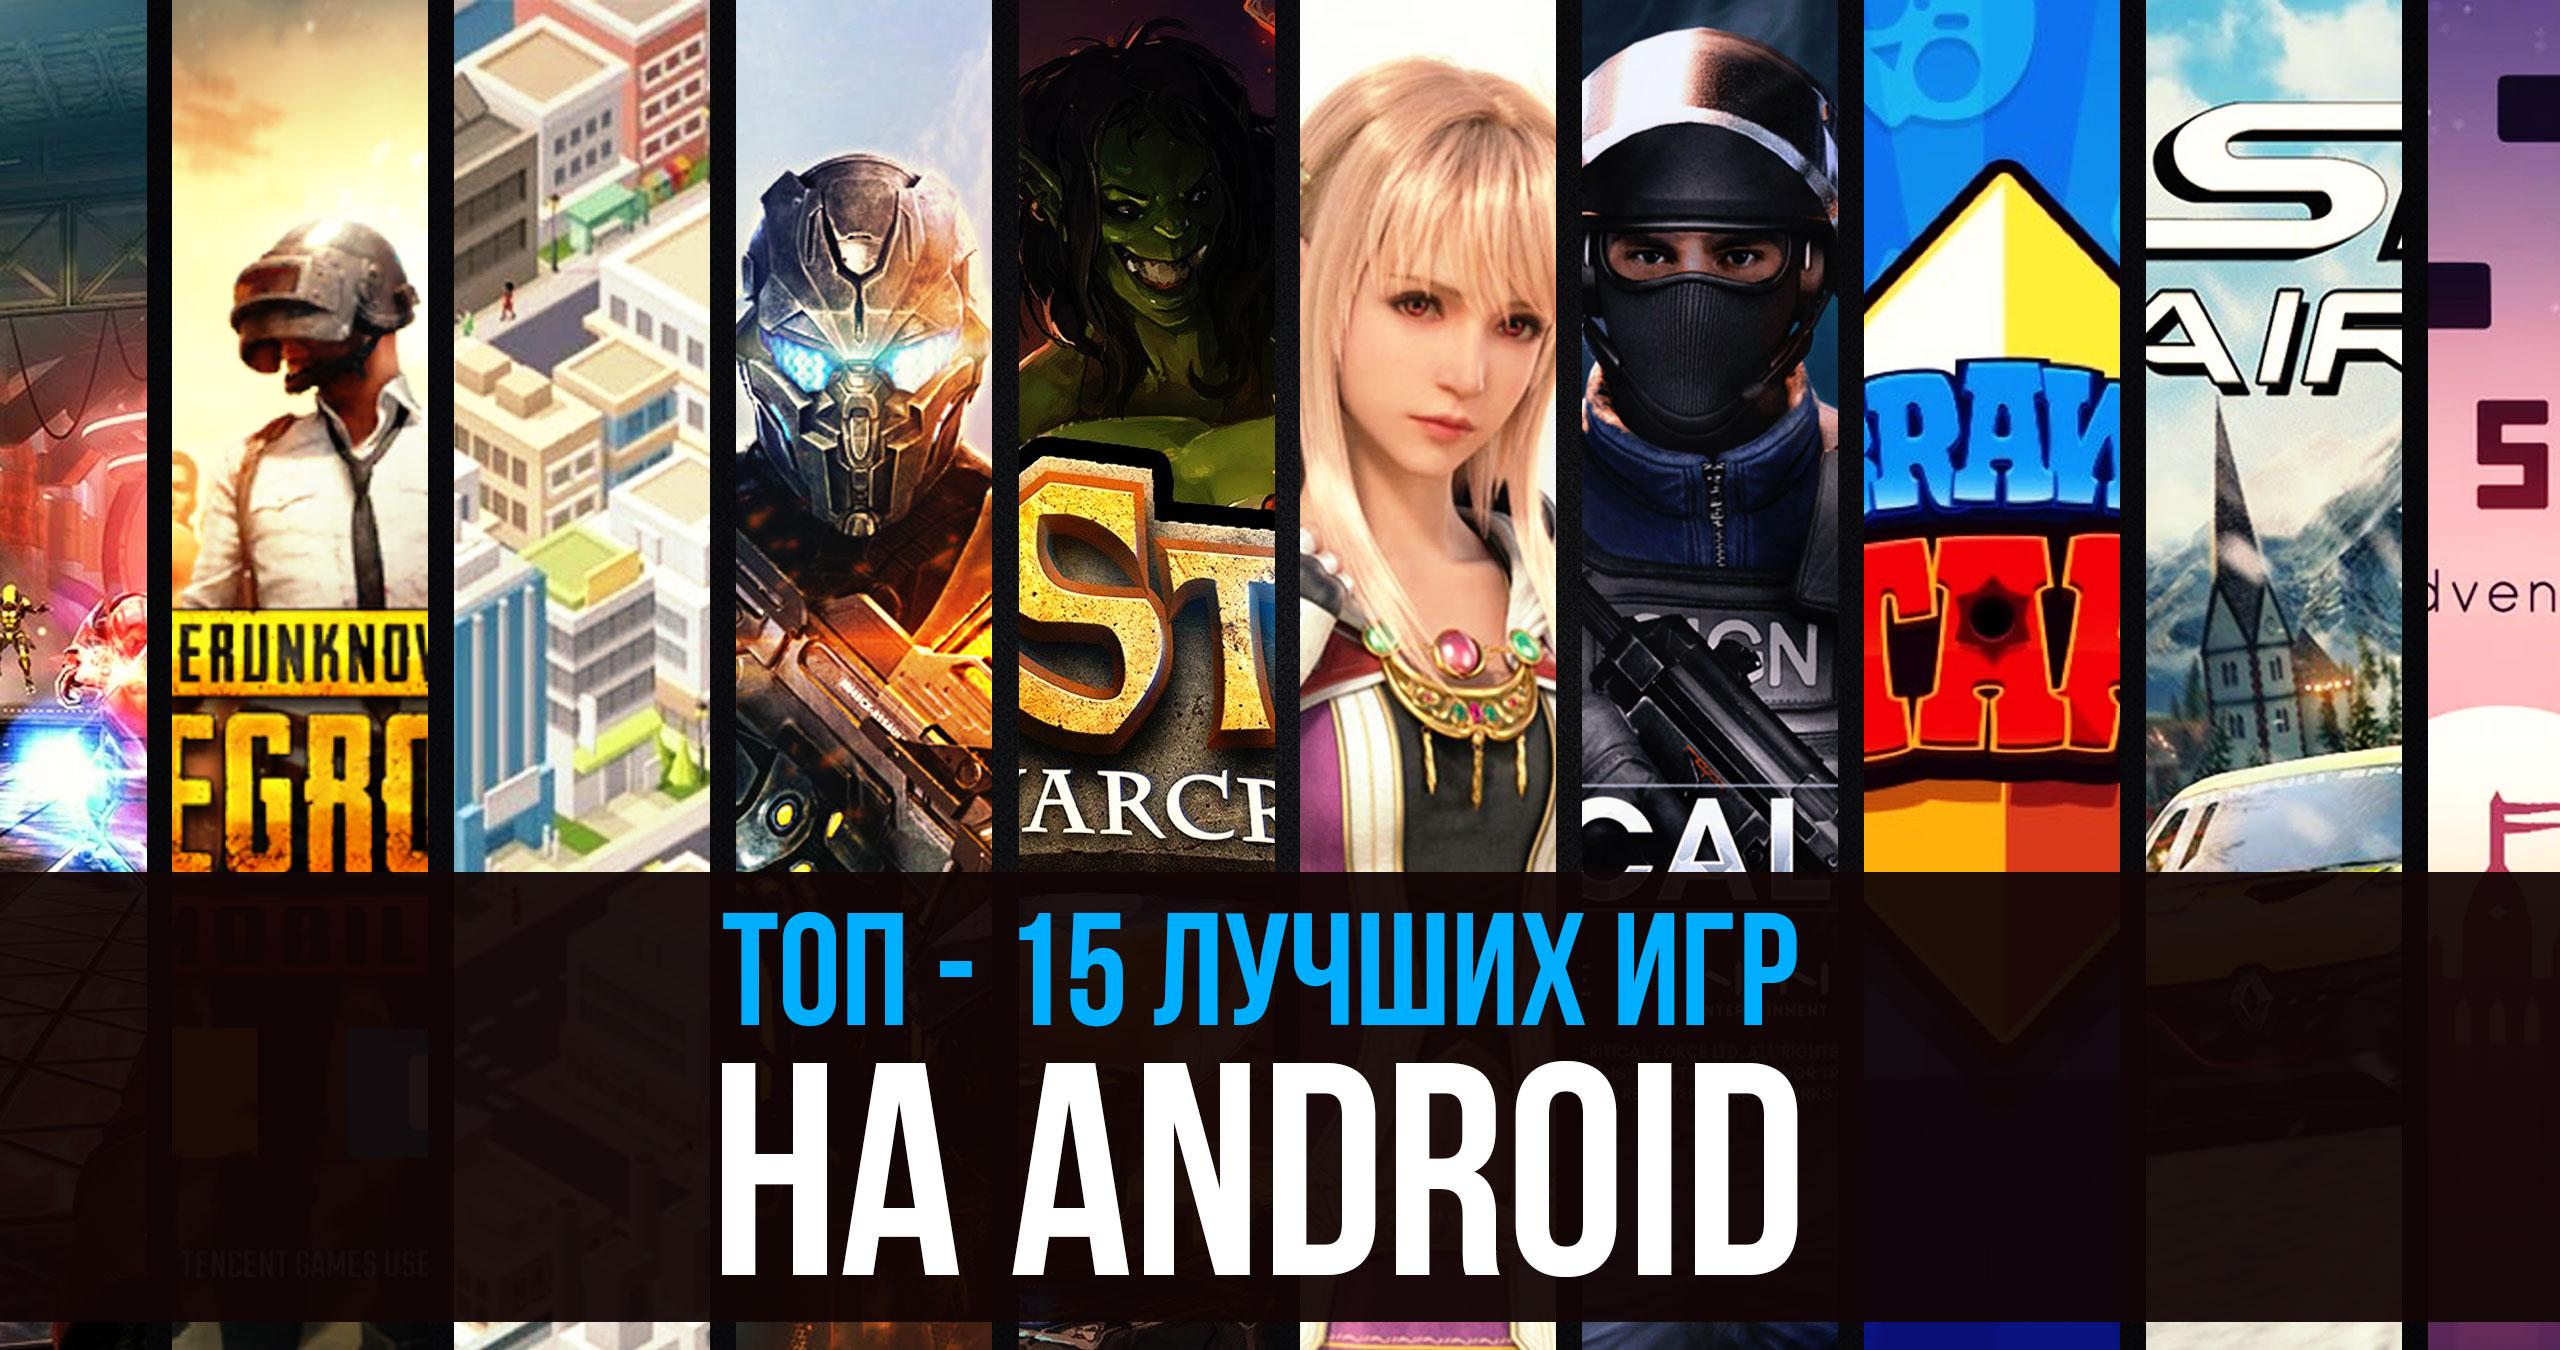 15 лучших бесплатных Android игр 2019 года